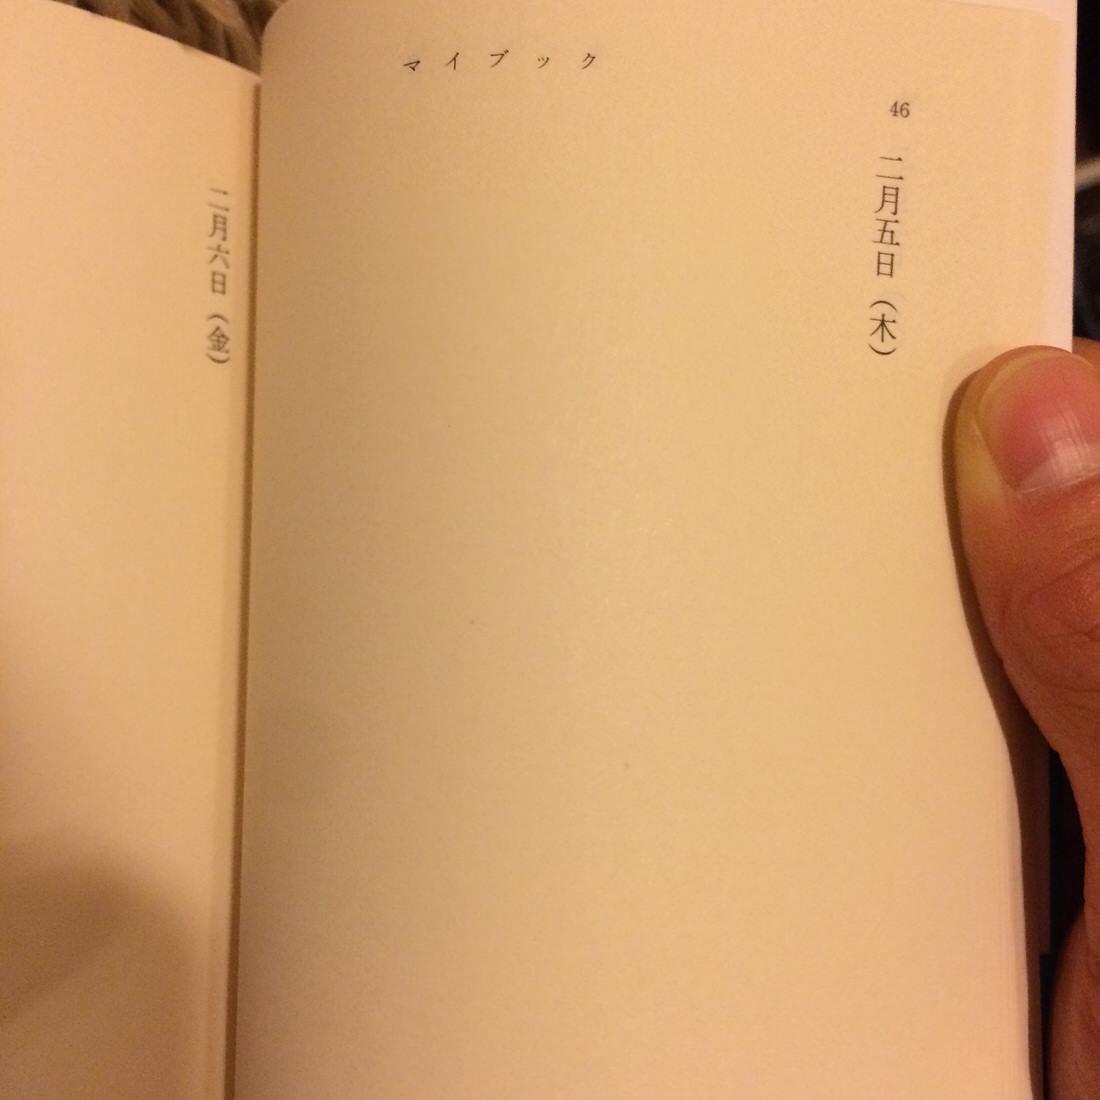 mybook-中身